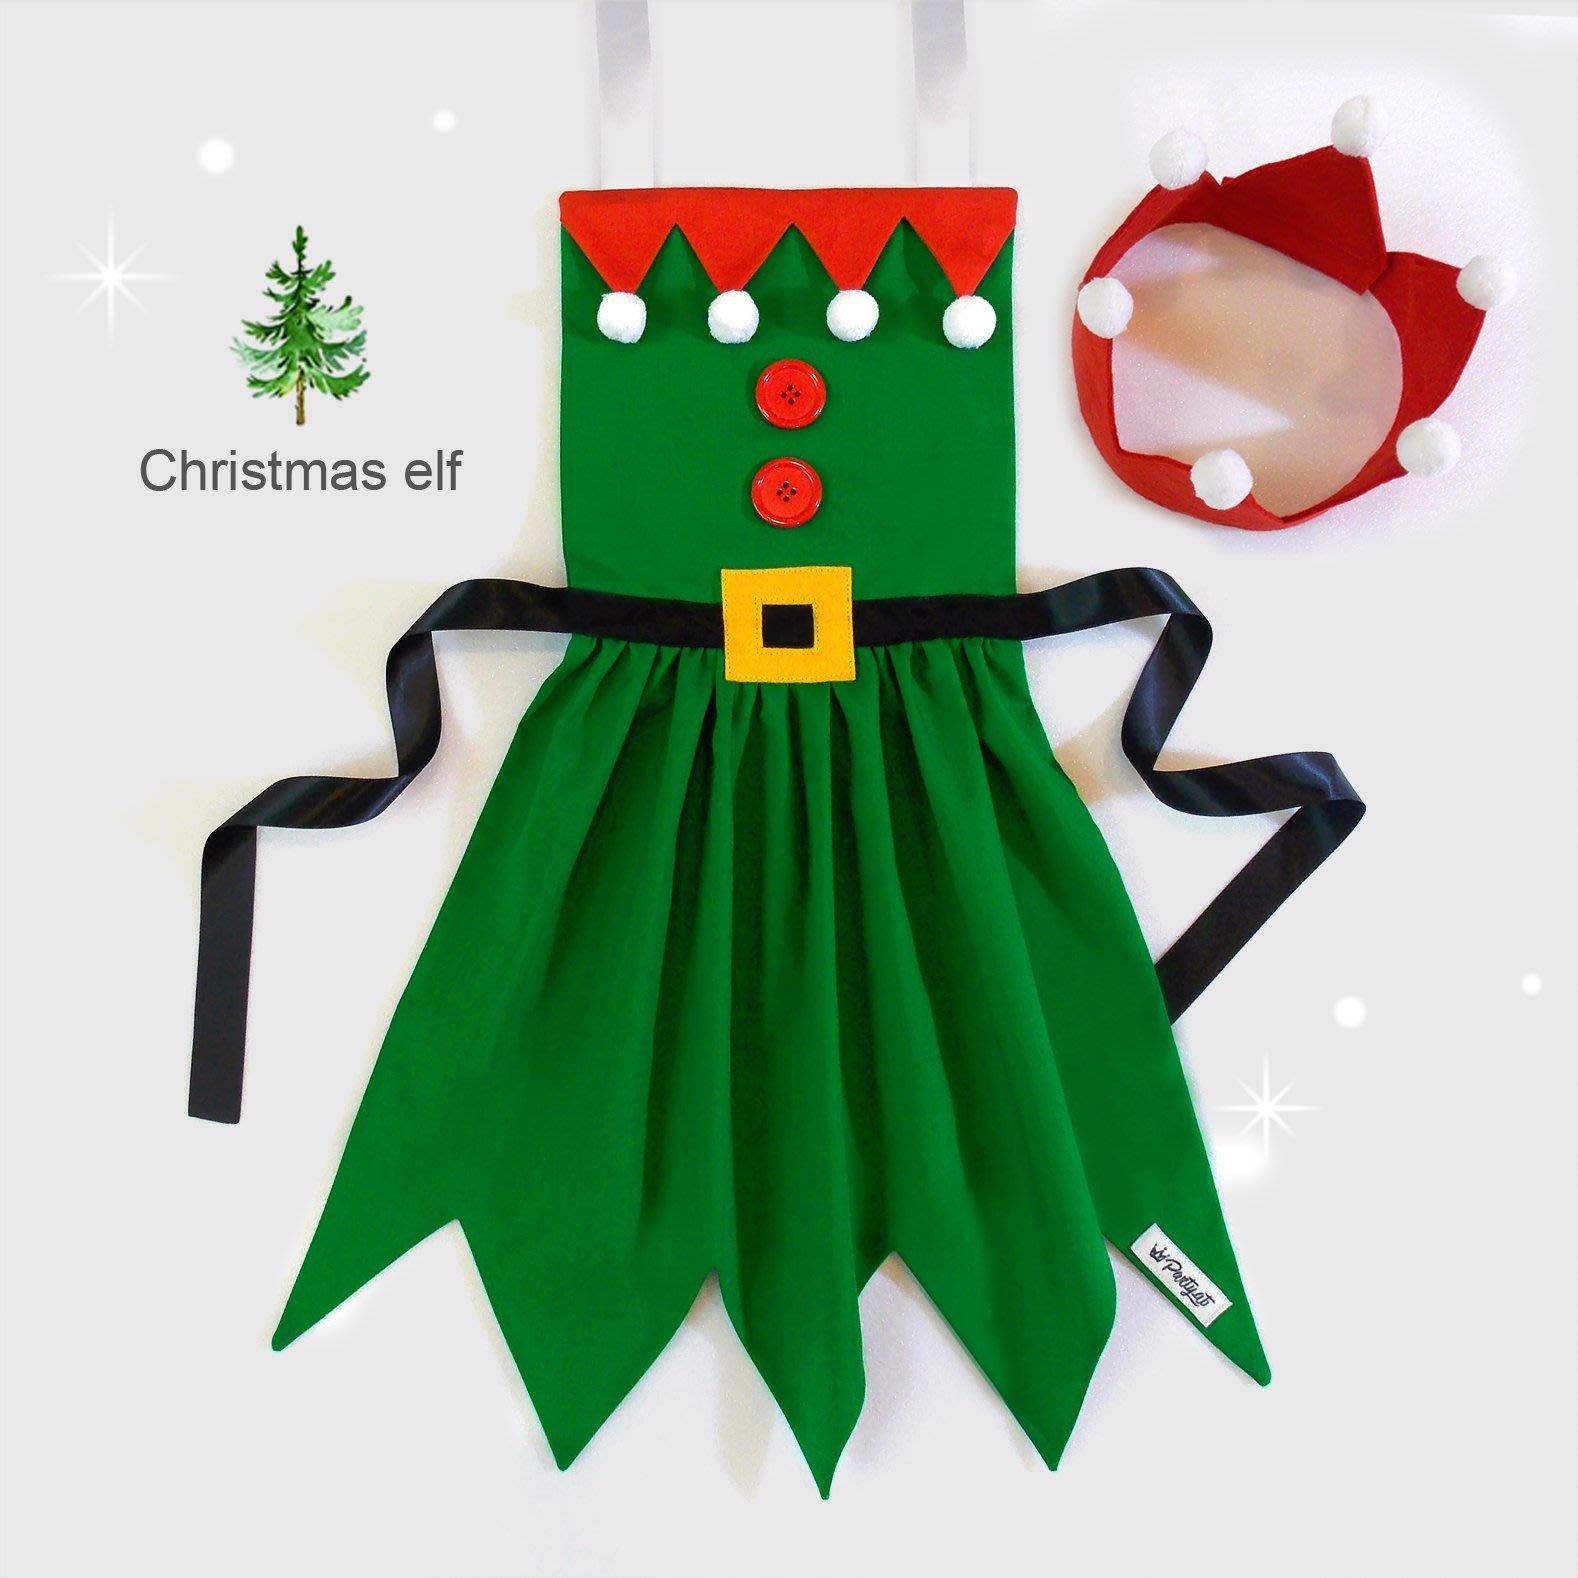 **party.at** 聖誕精靈 (女孩款) 兒童圍裙 2-8Y 聖誕節服裝 迪士尼 聖誕樹 聖誕老人 薑餅人 雪寶